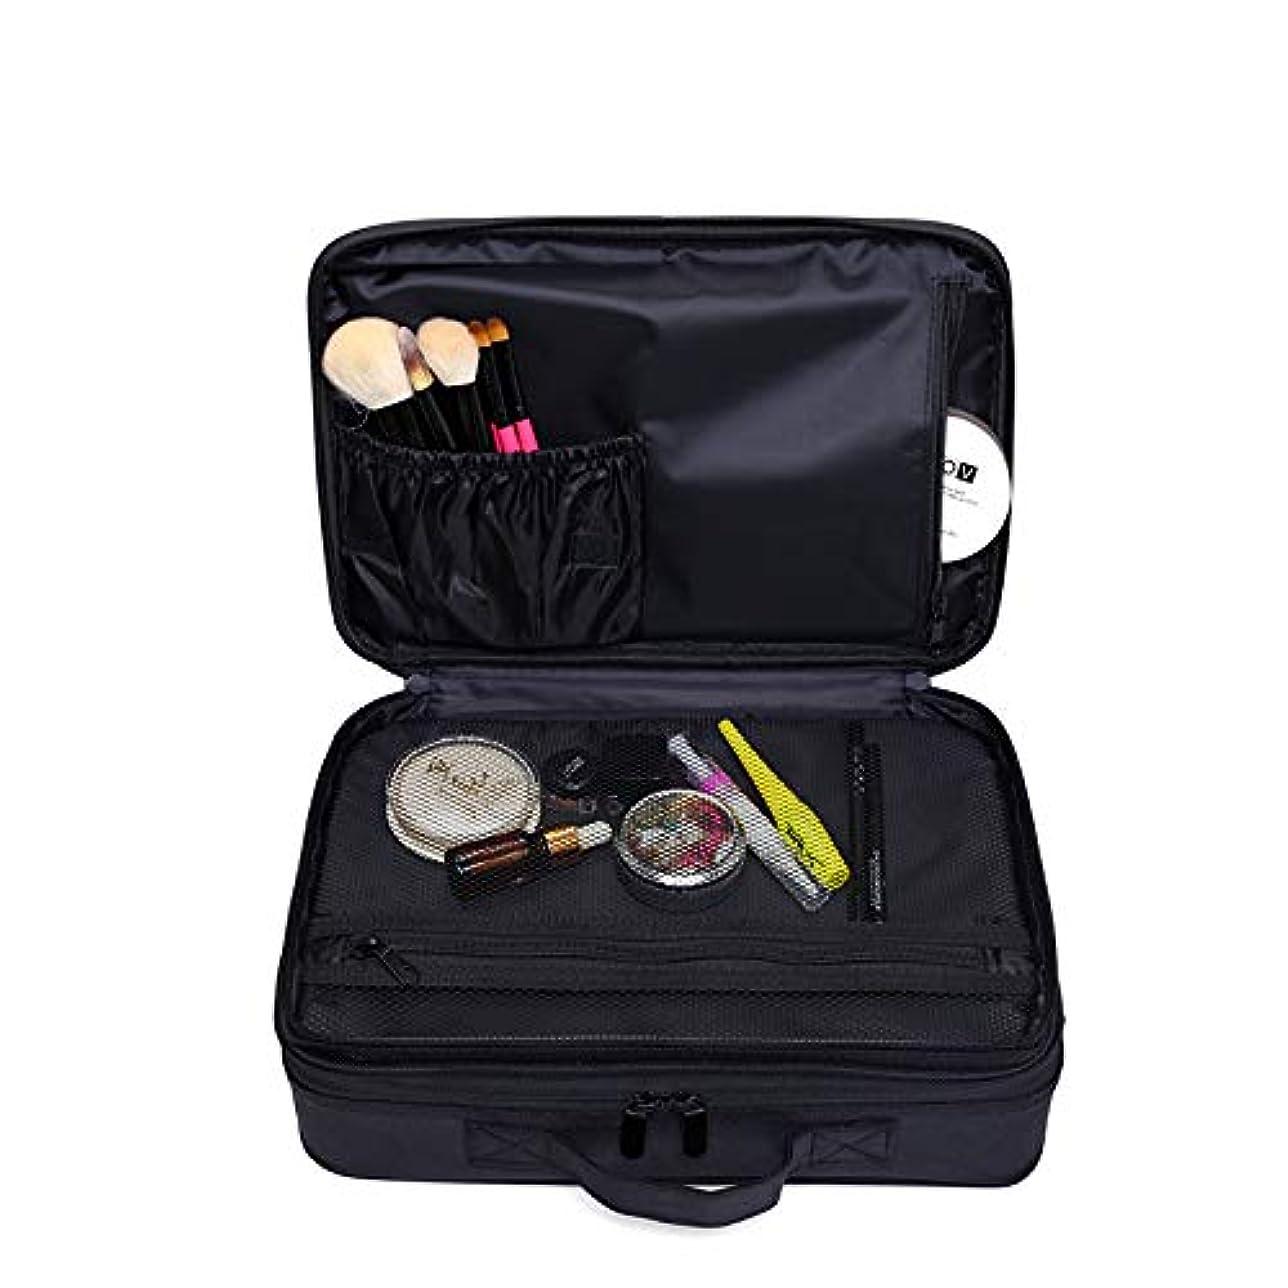 偏見アスレチック平手打ちメイクボックス 大容量 コスメボックス プロ用 持ち運び便利 高品質3層化粧箱 收納抜群コスメ収納 多機能 旅行用 ブラック